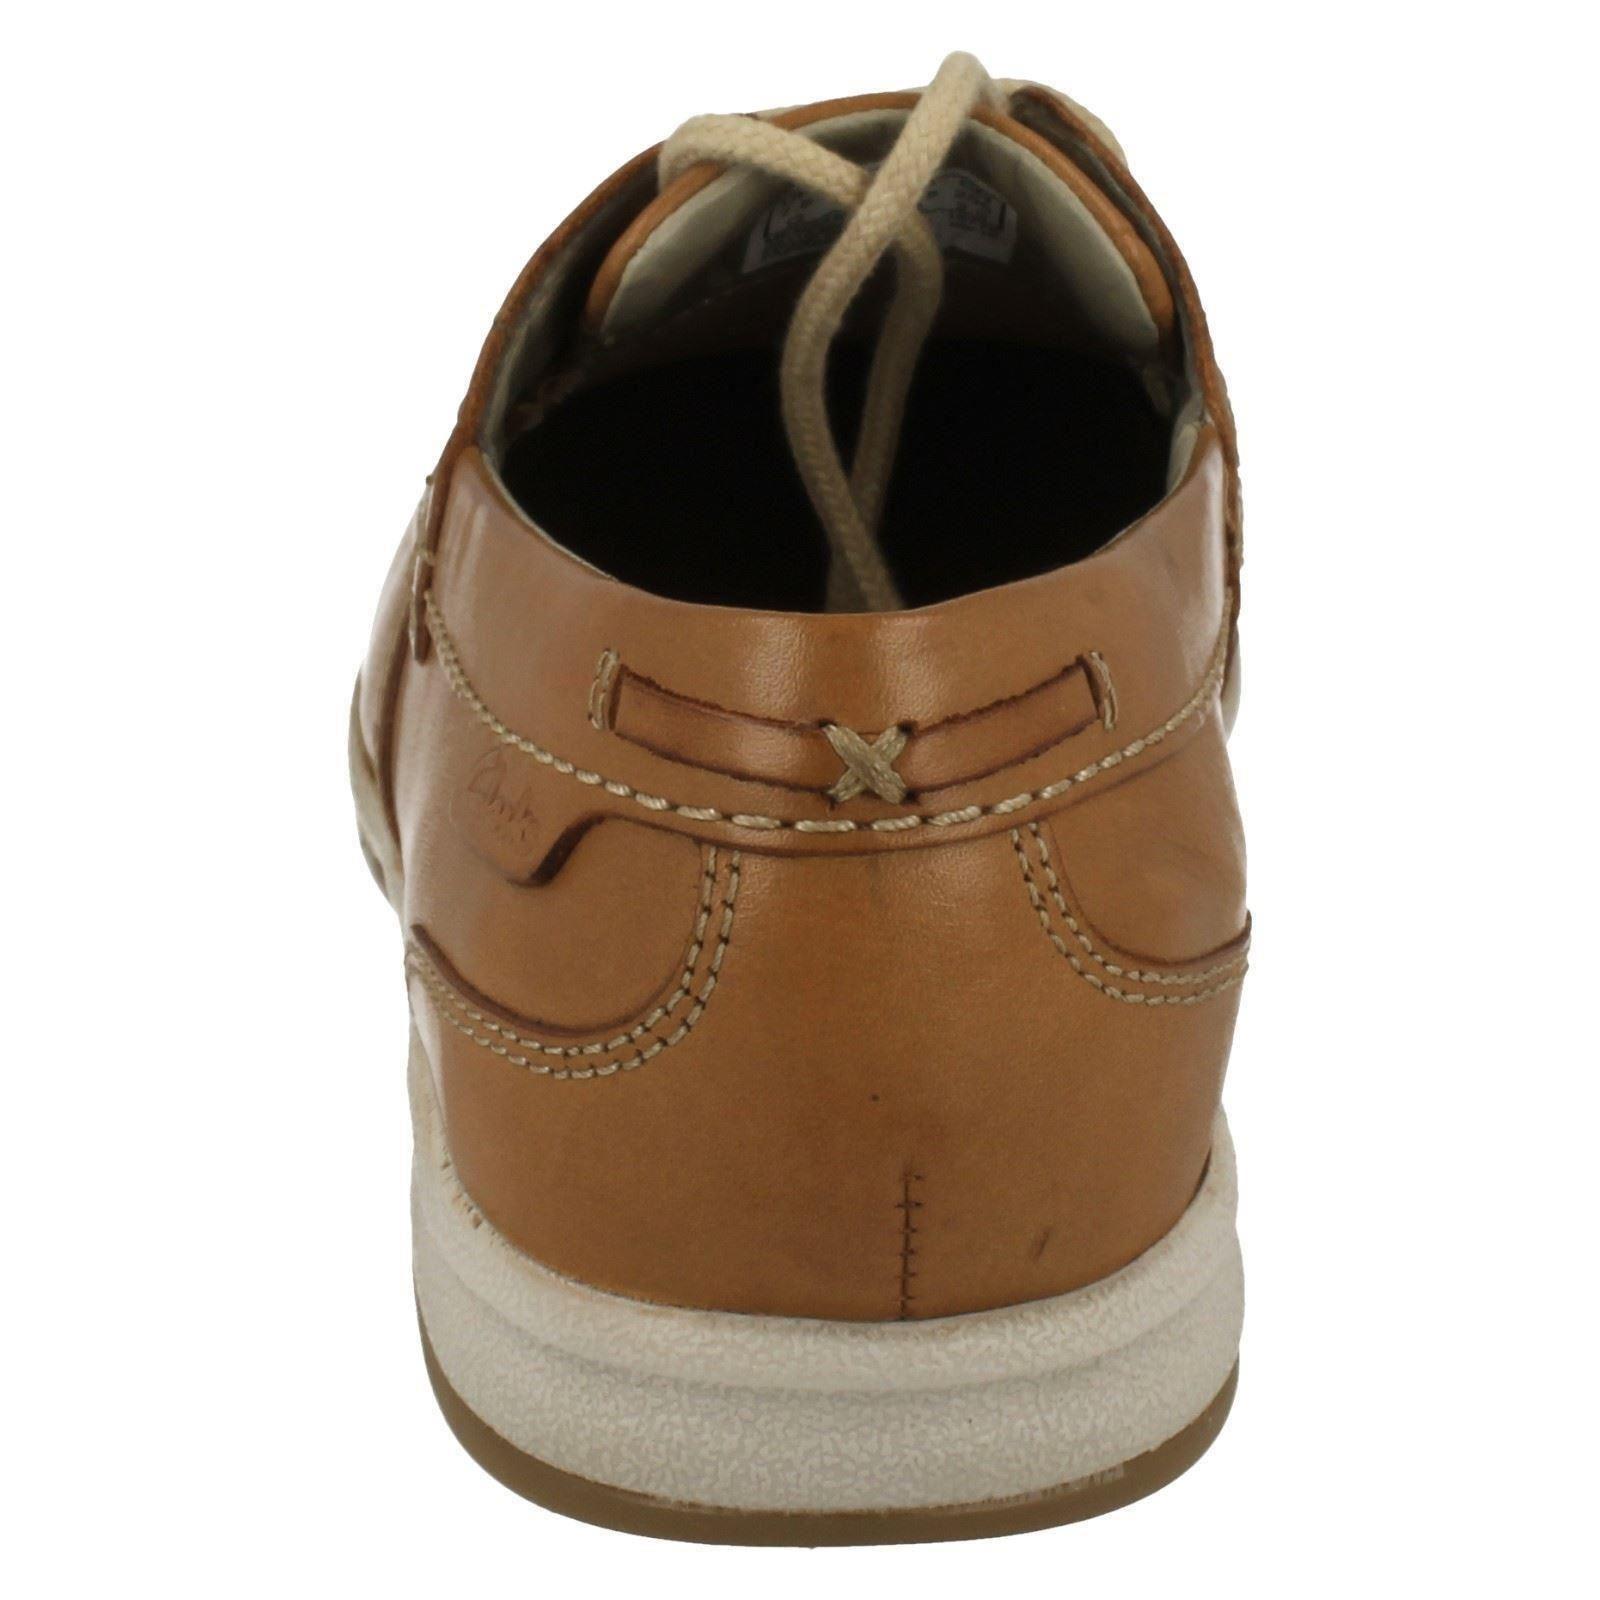 Lo stile mocassino da Uomo Clarks Lacci Scarpe    fallston Stile  761517